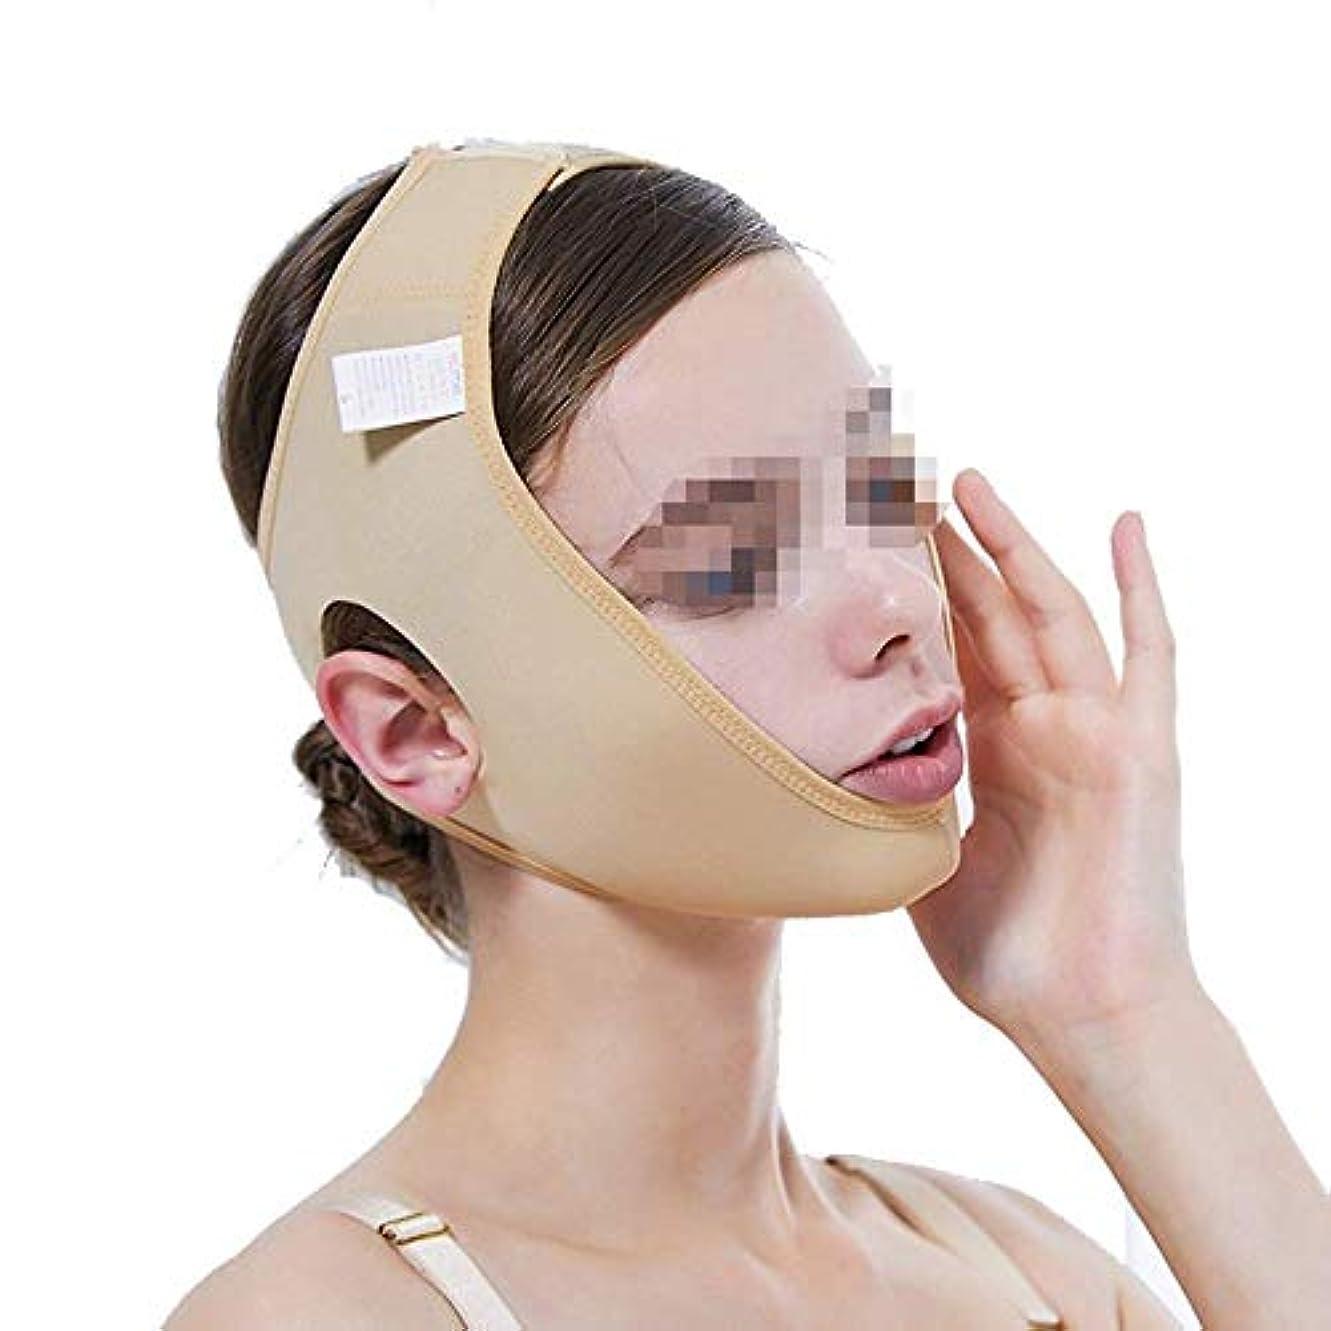 寝る可能性ソース術後ヘッドギア、薄型ダブルチンVフェイスビームフェイスジョーセットフェイスマスクマルチサイズオプション(サイズ:M)